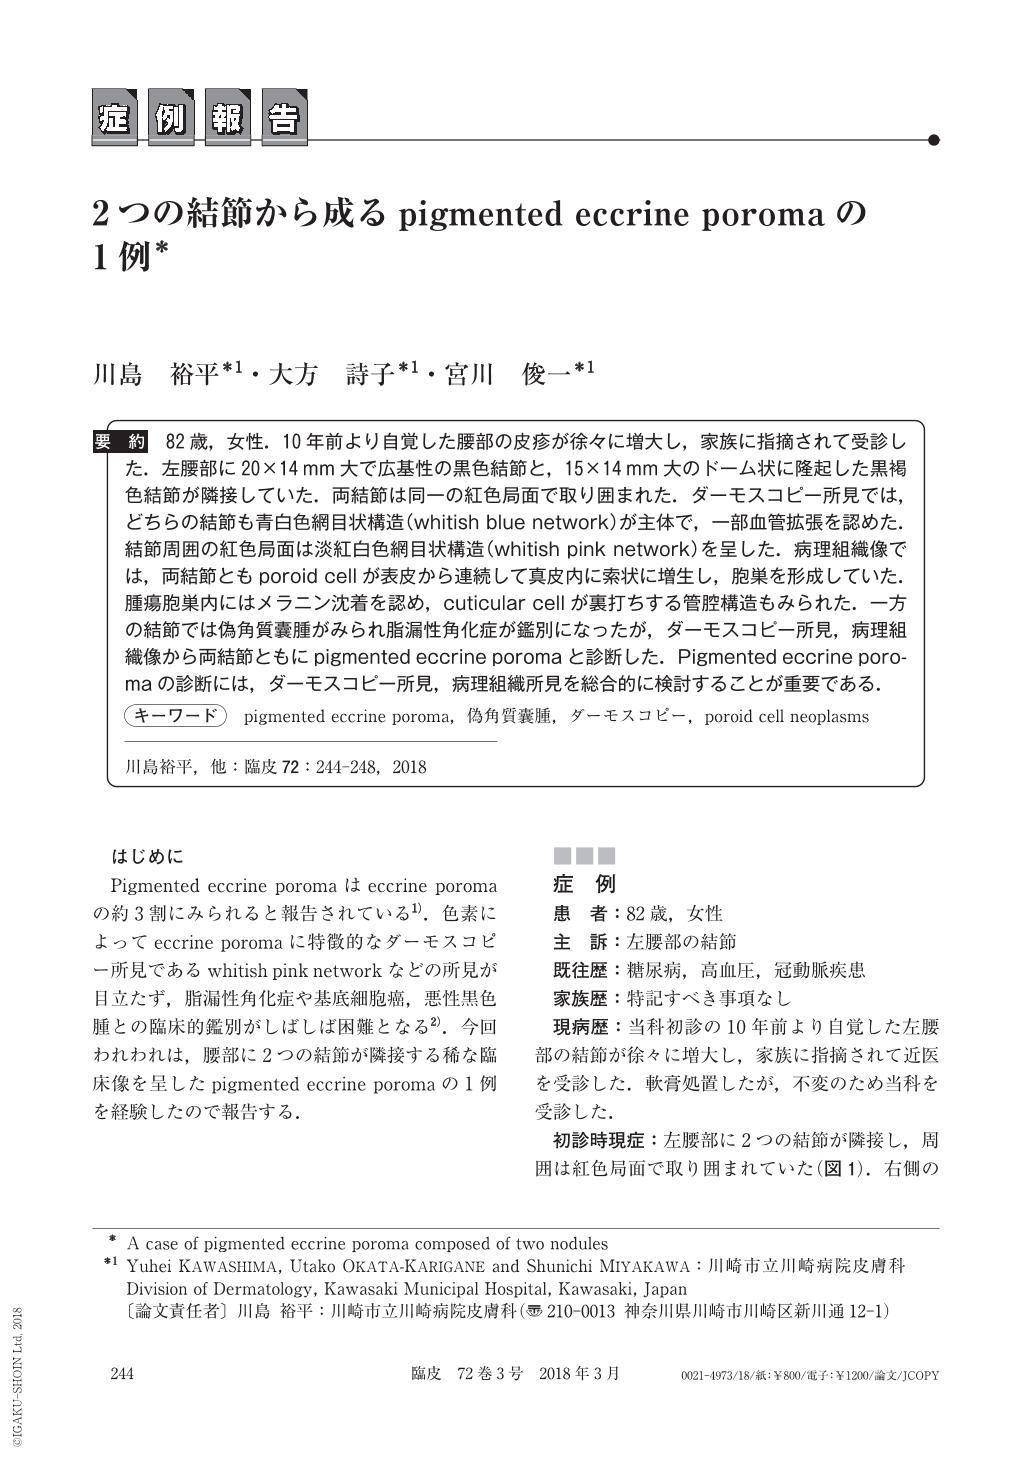 2つの結節から成るpigmented eccrine poromaの1例 臨床皮膚科 72巻3号